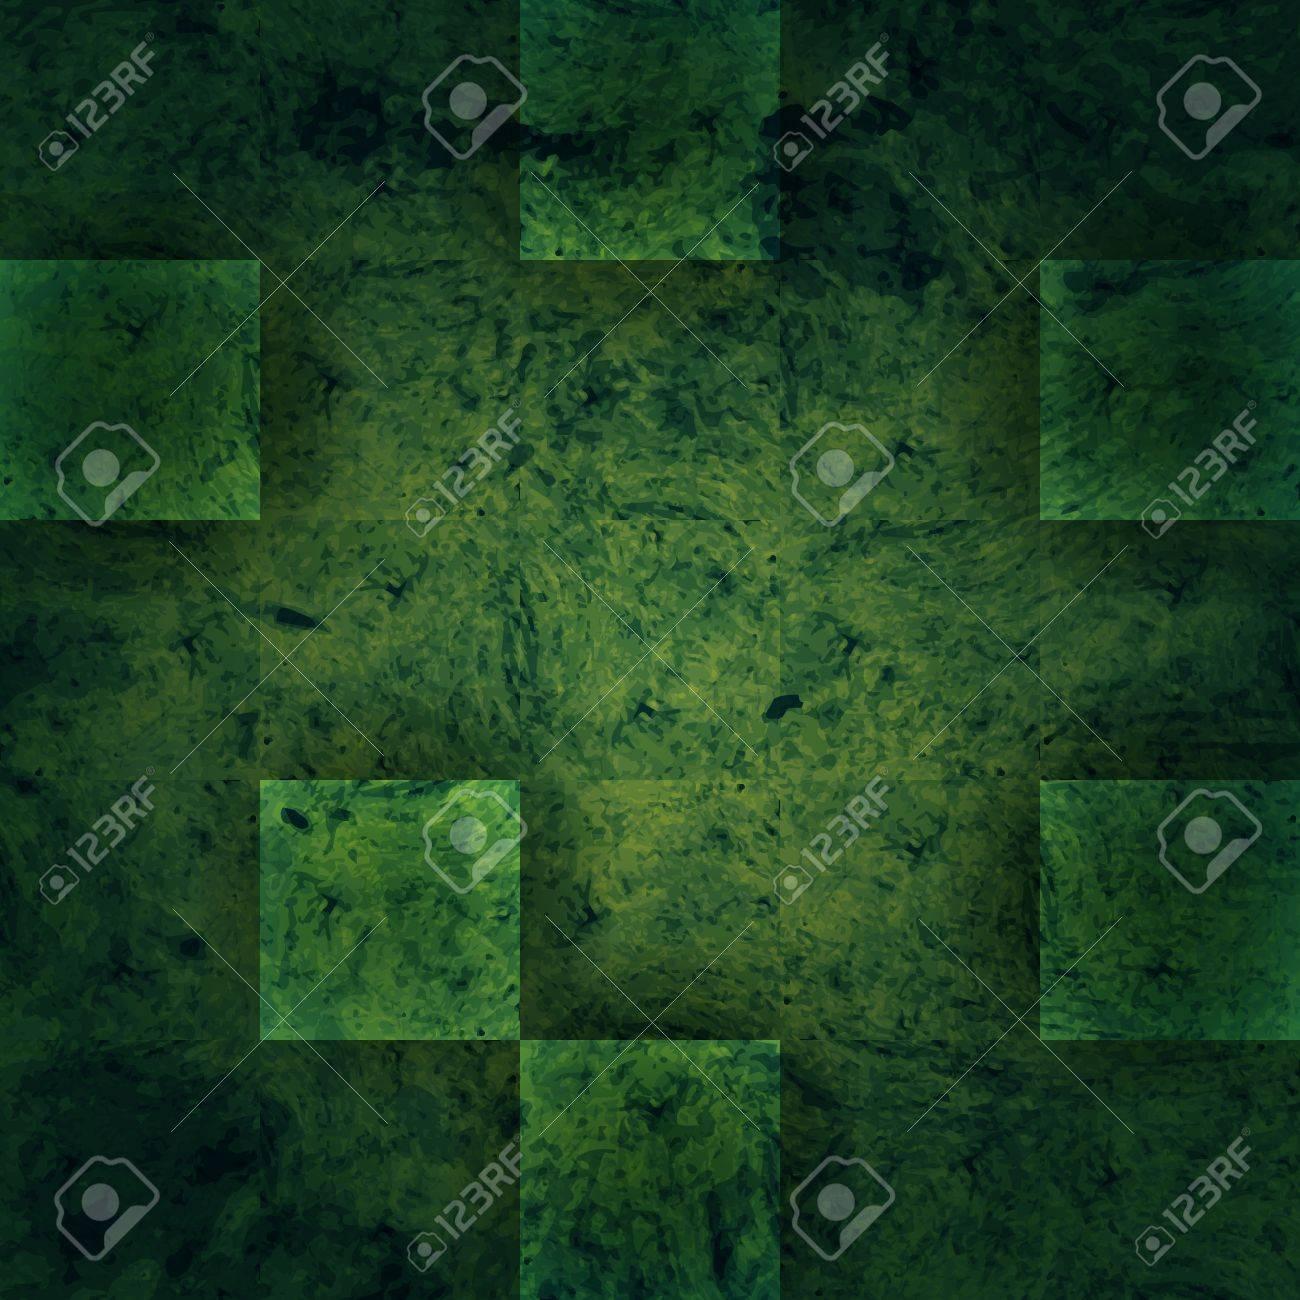 Vettoriale Nuovo Sfondo Astratto Con Lastre Di Marmo Verde Può